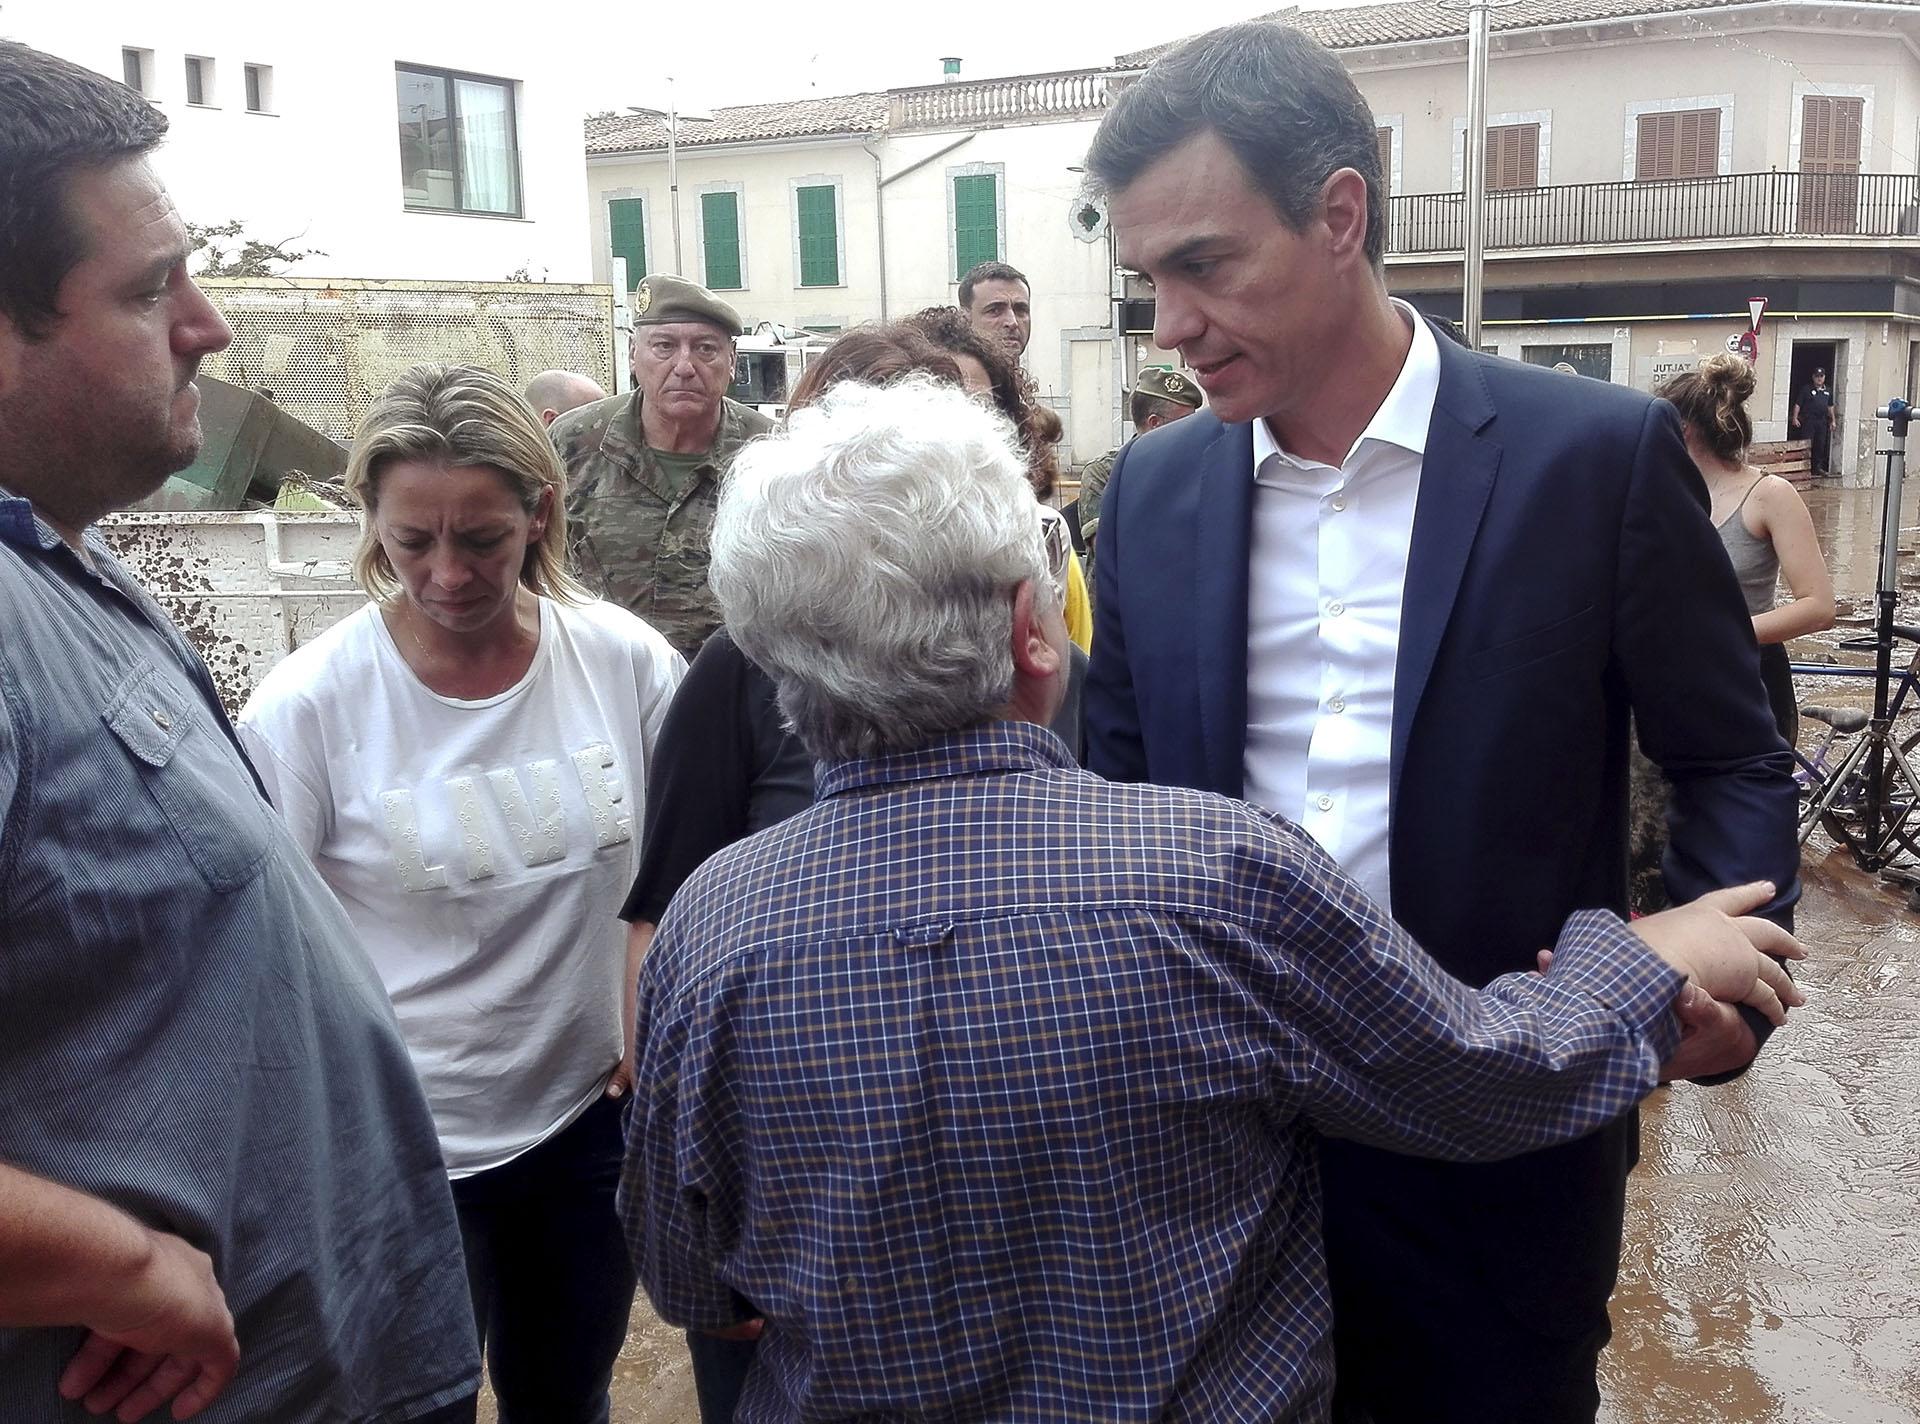 """El presidente del gobierno español, Pedro Sánchez, visitó este mismo miércoles las zonas afectadas, desde donde garantizó que el Estado """"va a volcar recursos económicos"""" para que los residentes """"puedan recuperar su día a día en unas circunstancias tan difíciles"""""""